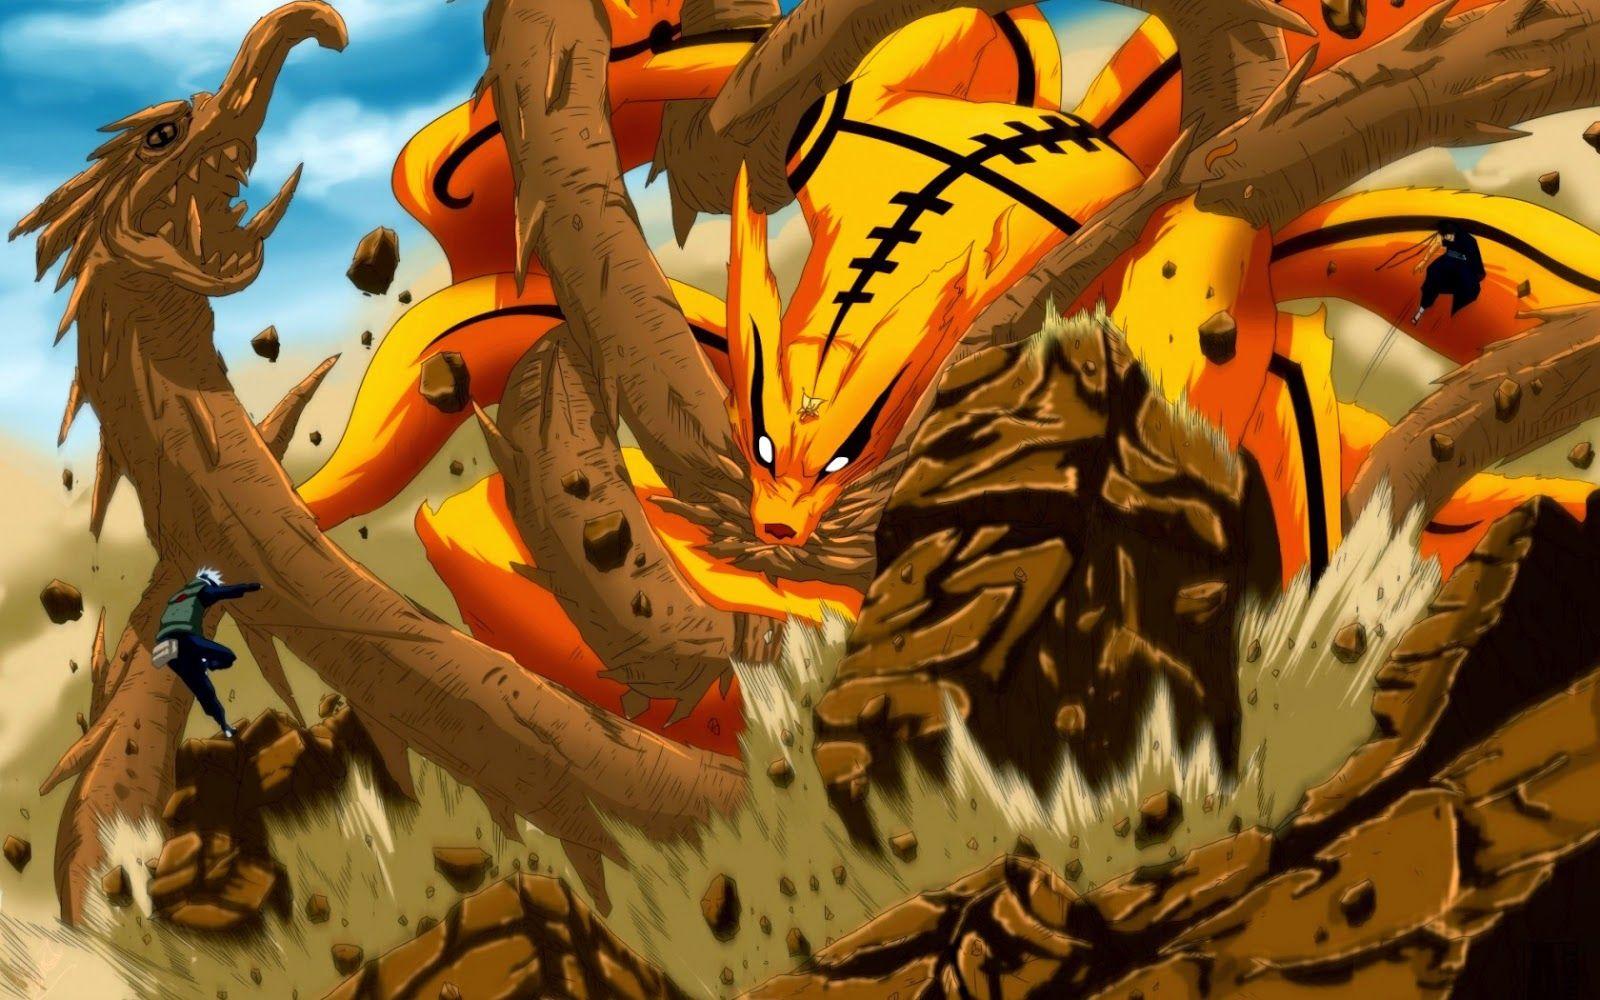 Kurama Kyuubi Bijuu Naruto Imagens E Wallpapers 1018 785 Naruto Kurama Mode Wallpapers 40 Wallp Wallpaper Naruto Shippuden Naruto Wallpaper Naruto Shippuden